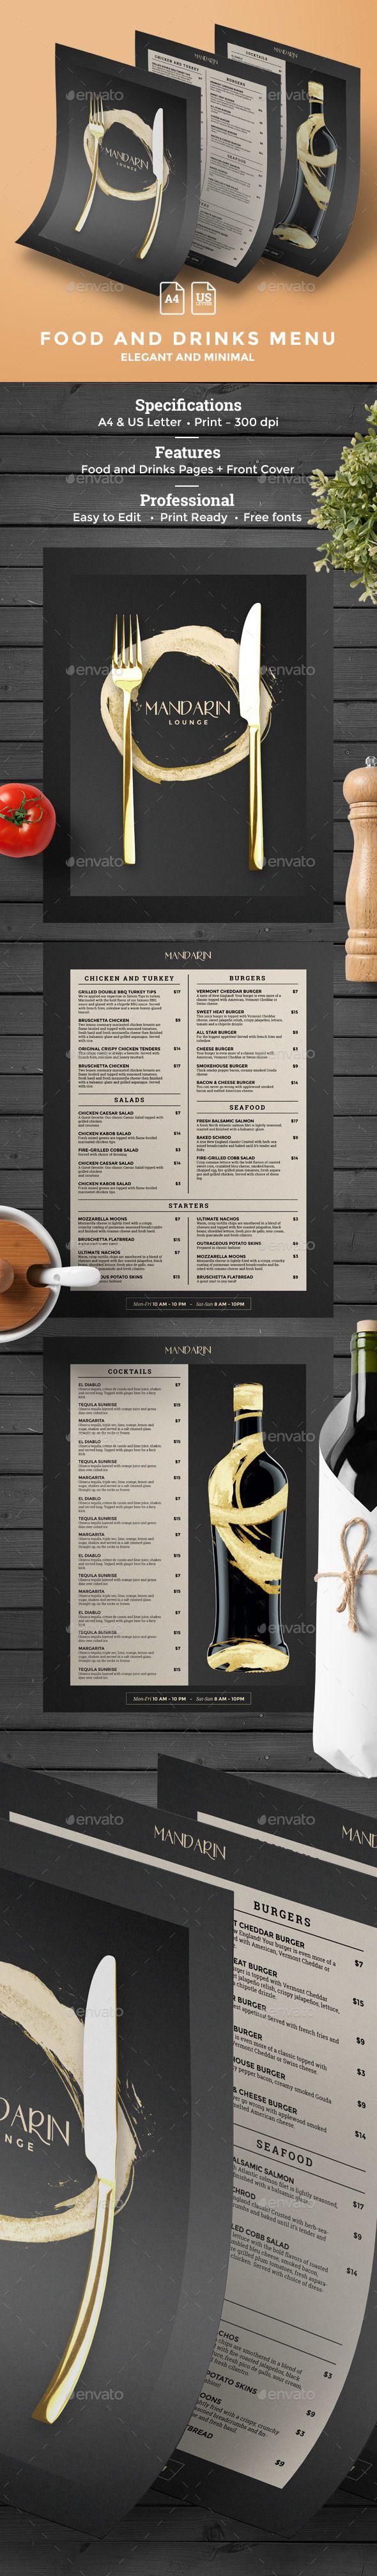 Restaurant Menu - Food Menus Print Templates Download here : https://graphicriver.net/item/menu-template/19477903?s_rank=82&ref=Al-fatih